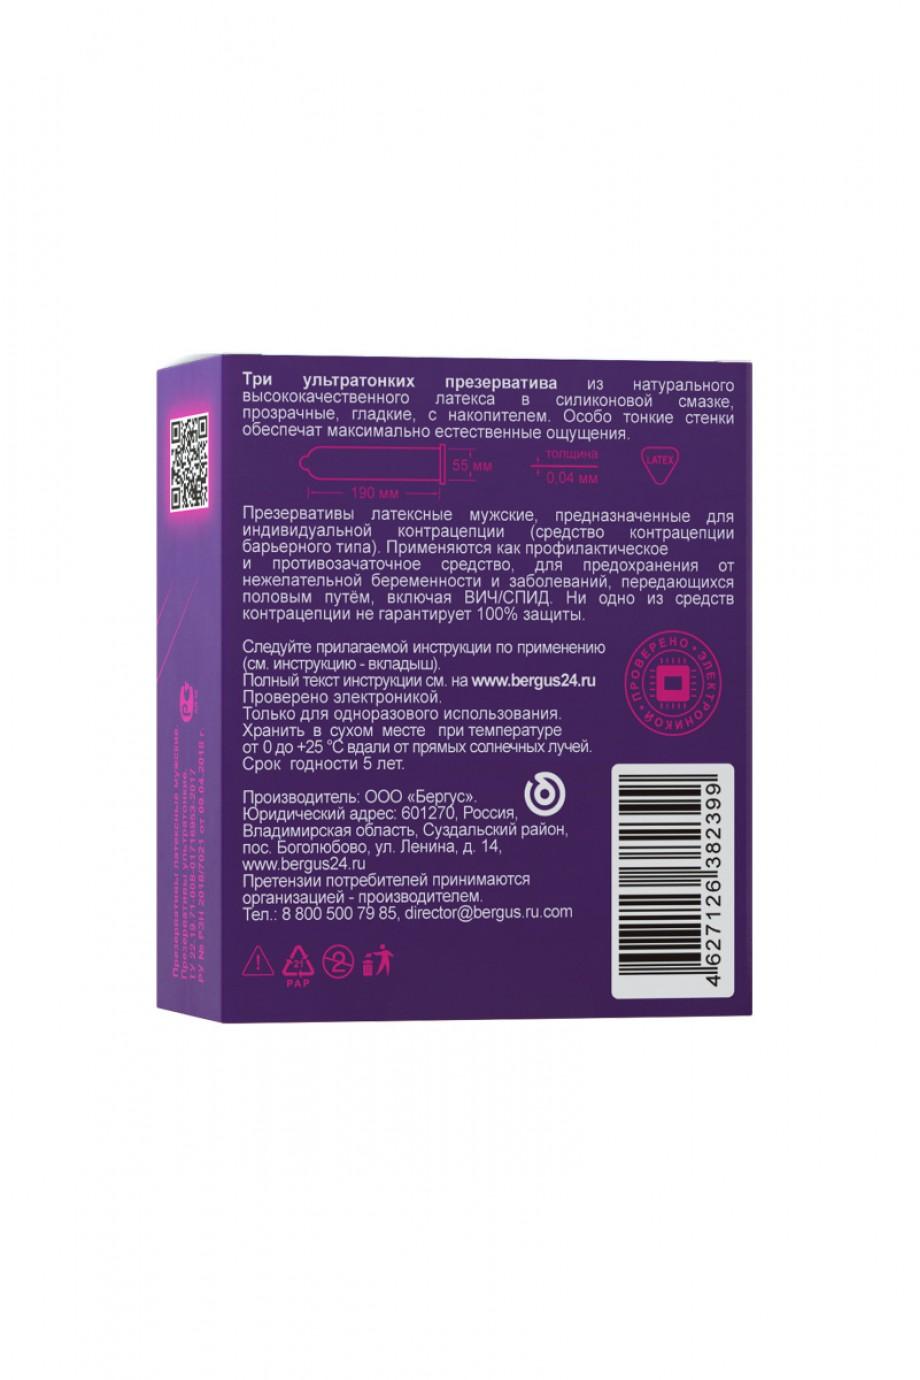 Презервативы TOREX ультратонкие, латекс, 3 шт